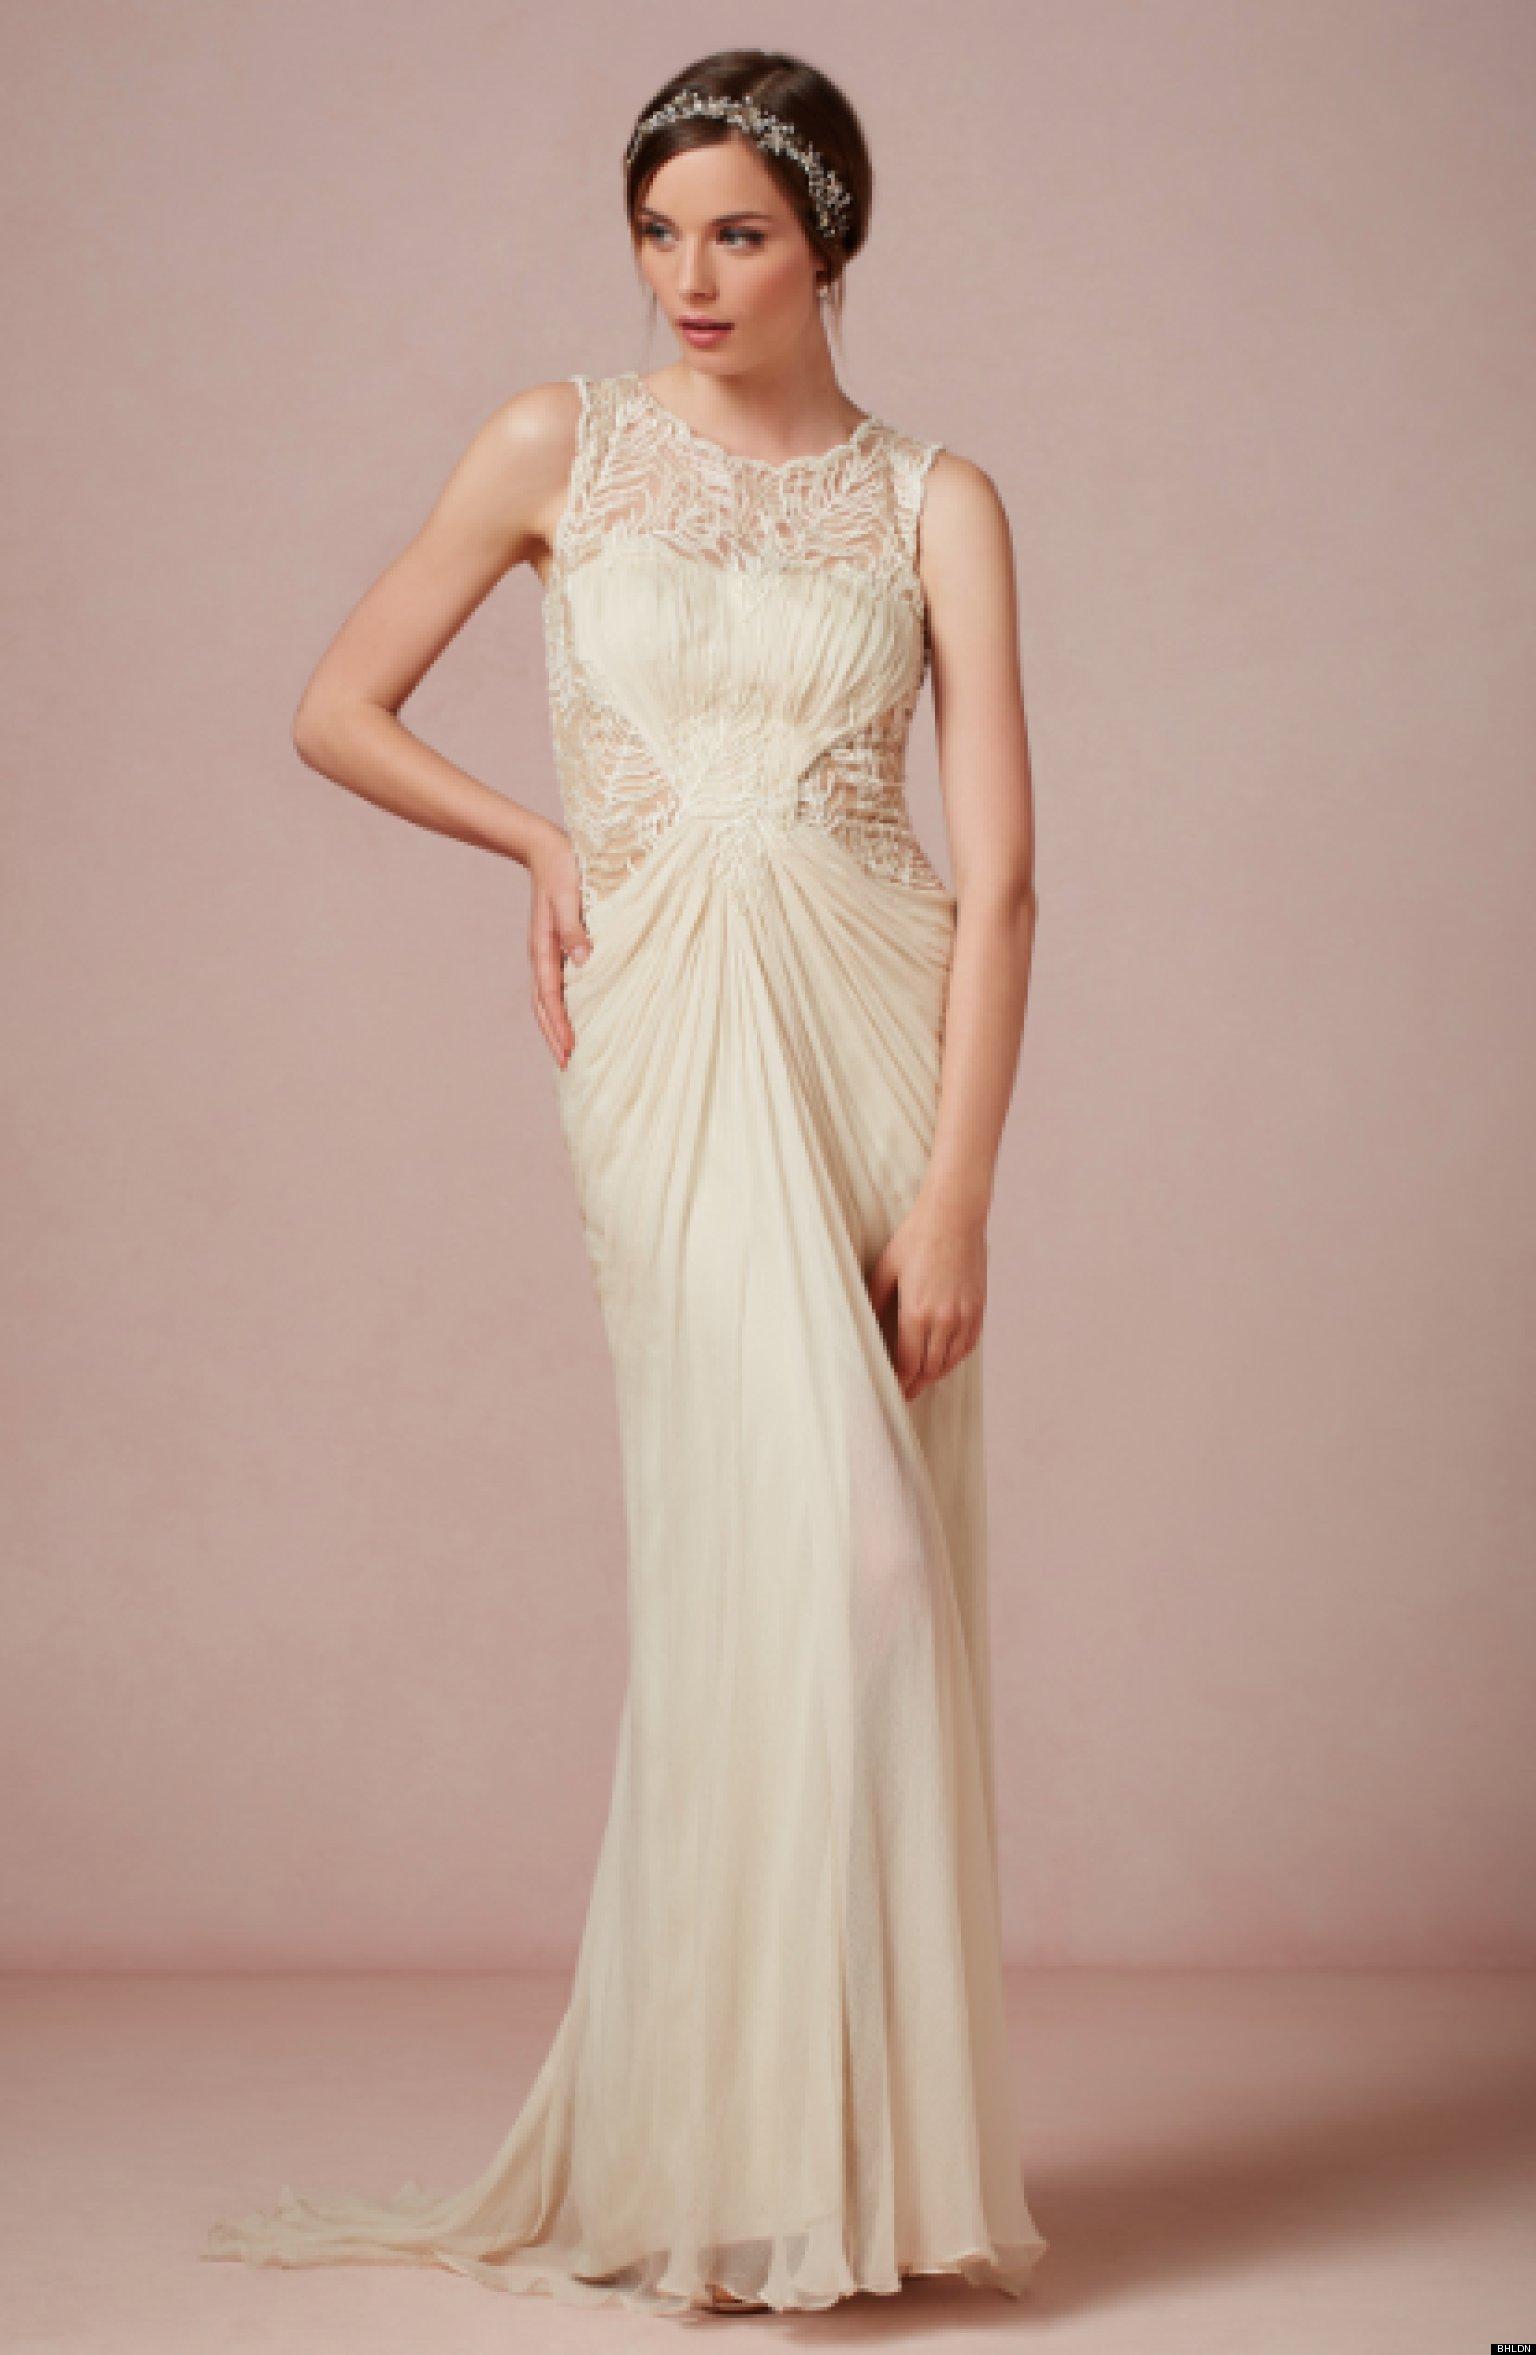 BHLDN-WEDDING-DRESSES-facebook.jpg